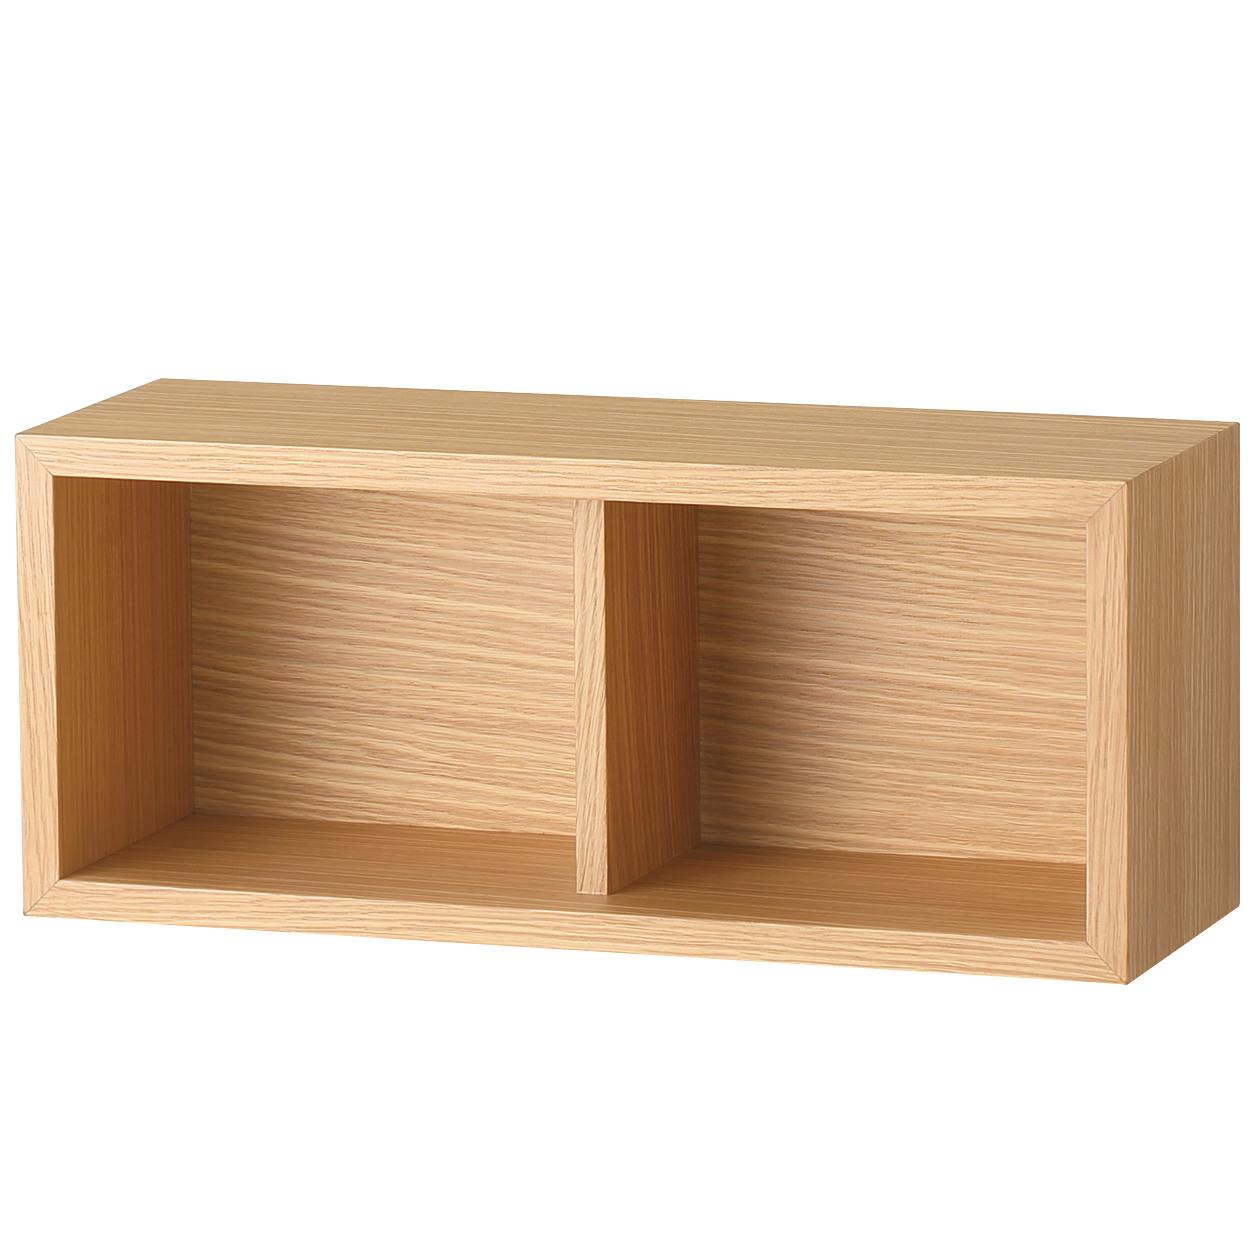 壁に付けられる家具・箱・幅44cm・オーク材